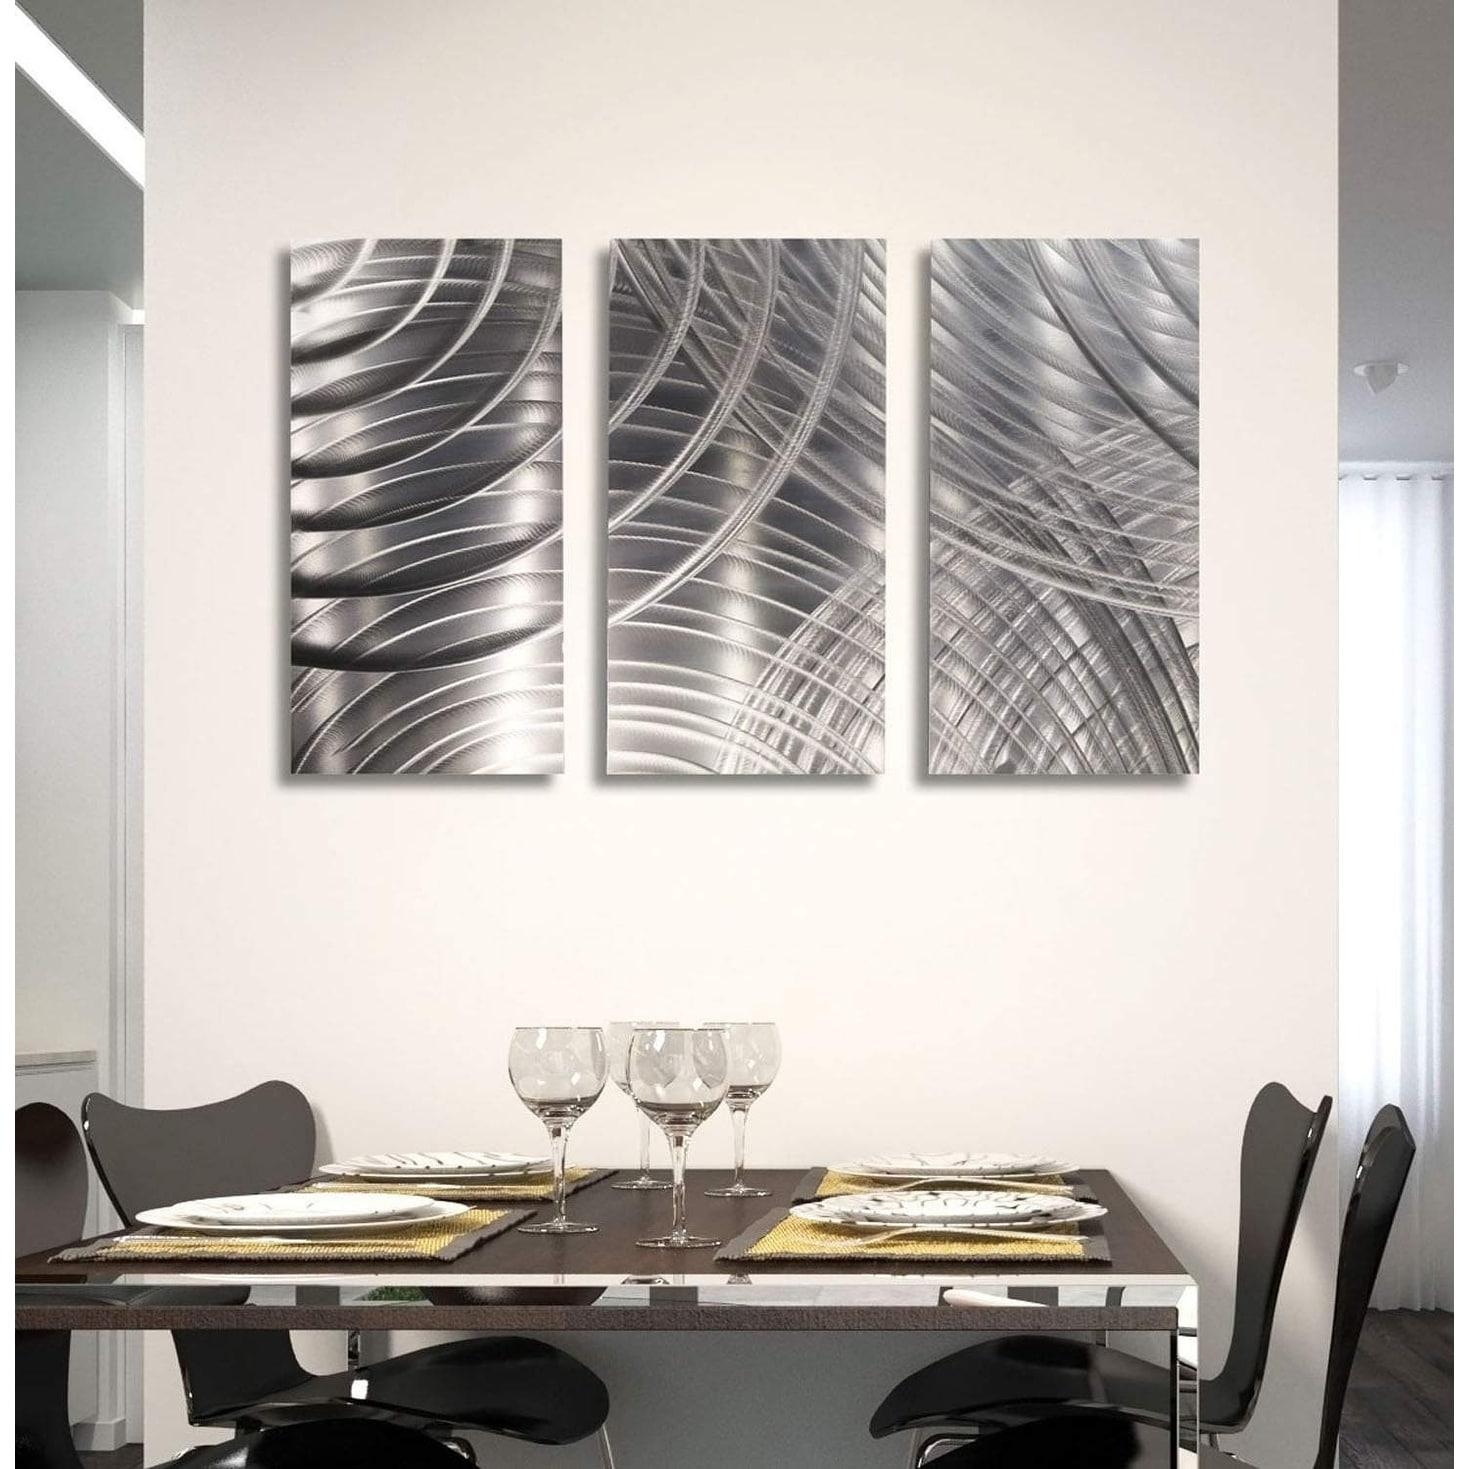 Shop Statements2000 3d Metal Wall Art Sculpture Silver Modern Decor By Jon Allen Equinox Ii 3p Overstock 31127825